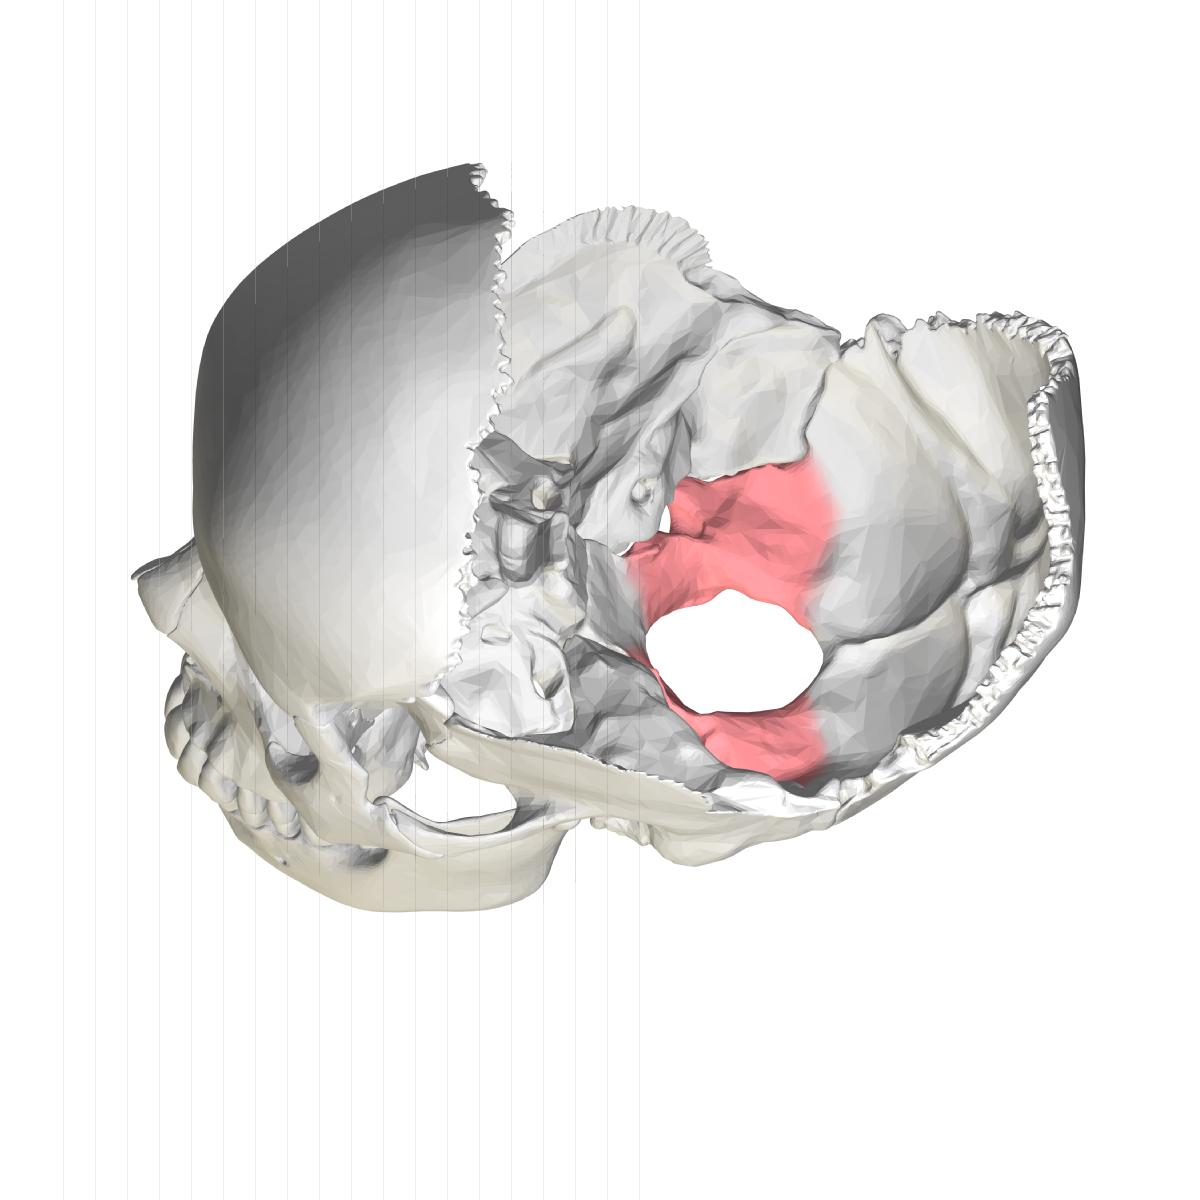 Laterale dele af nakkebenet - Wikipedia, den frie encyklopædi